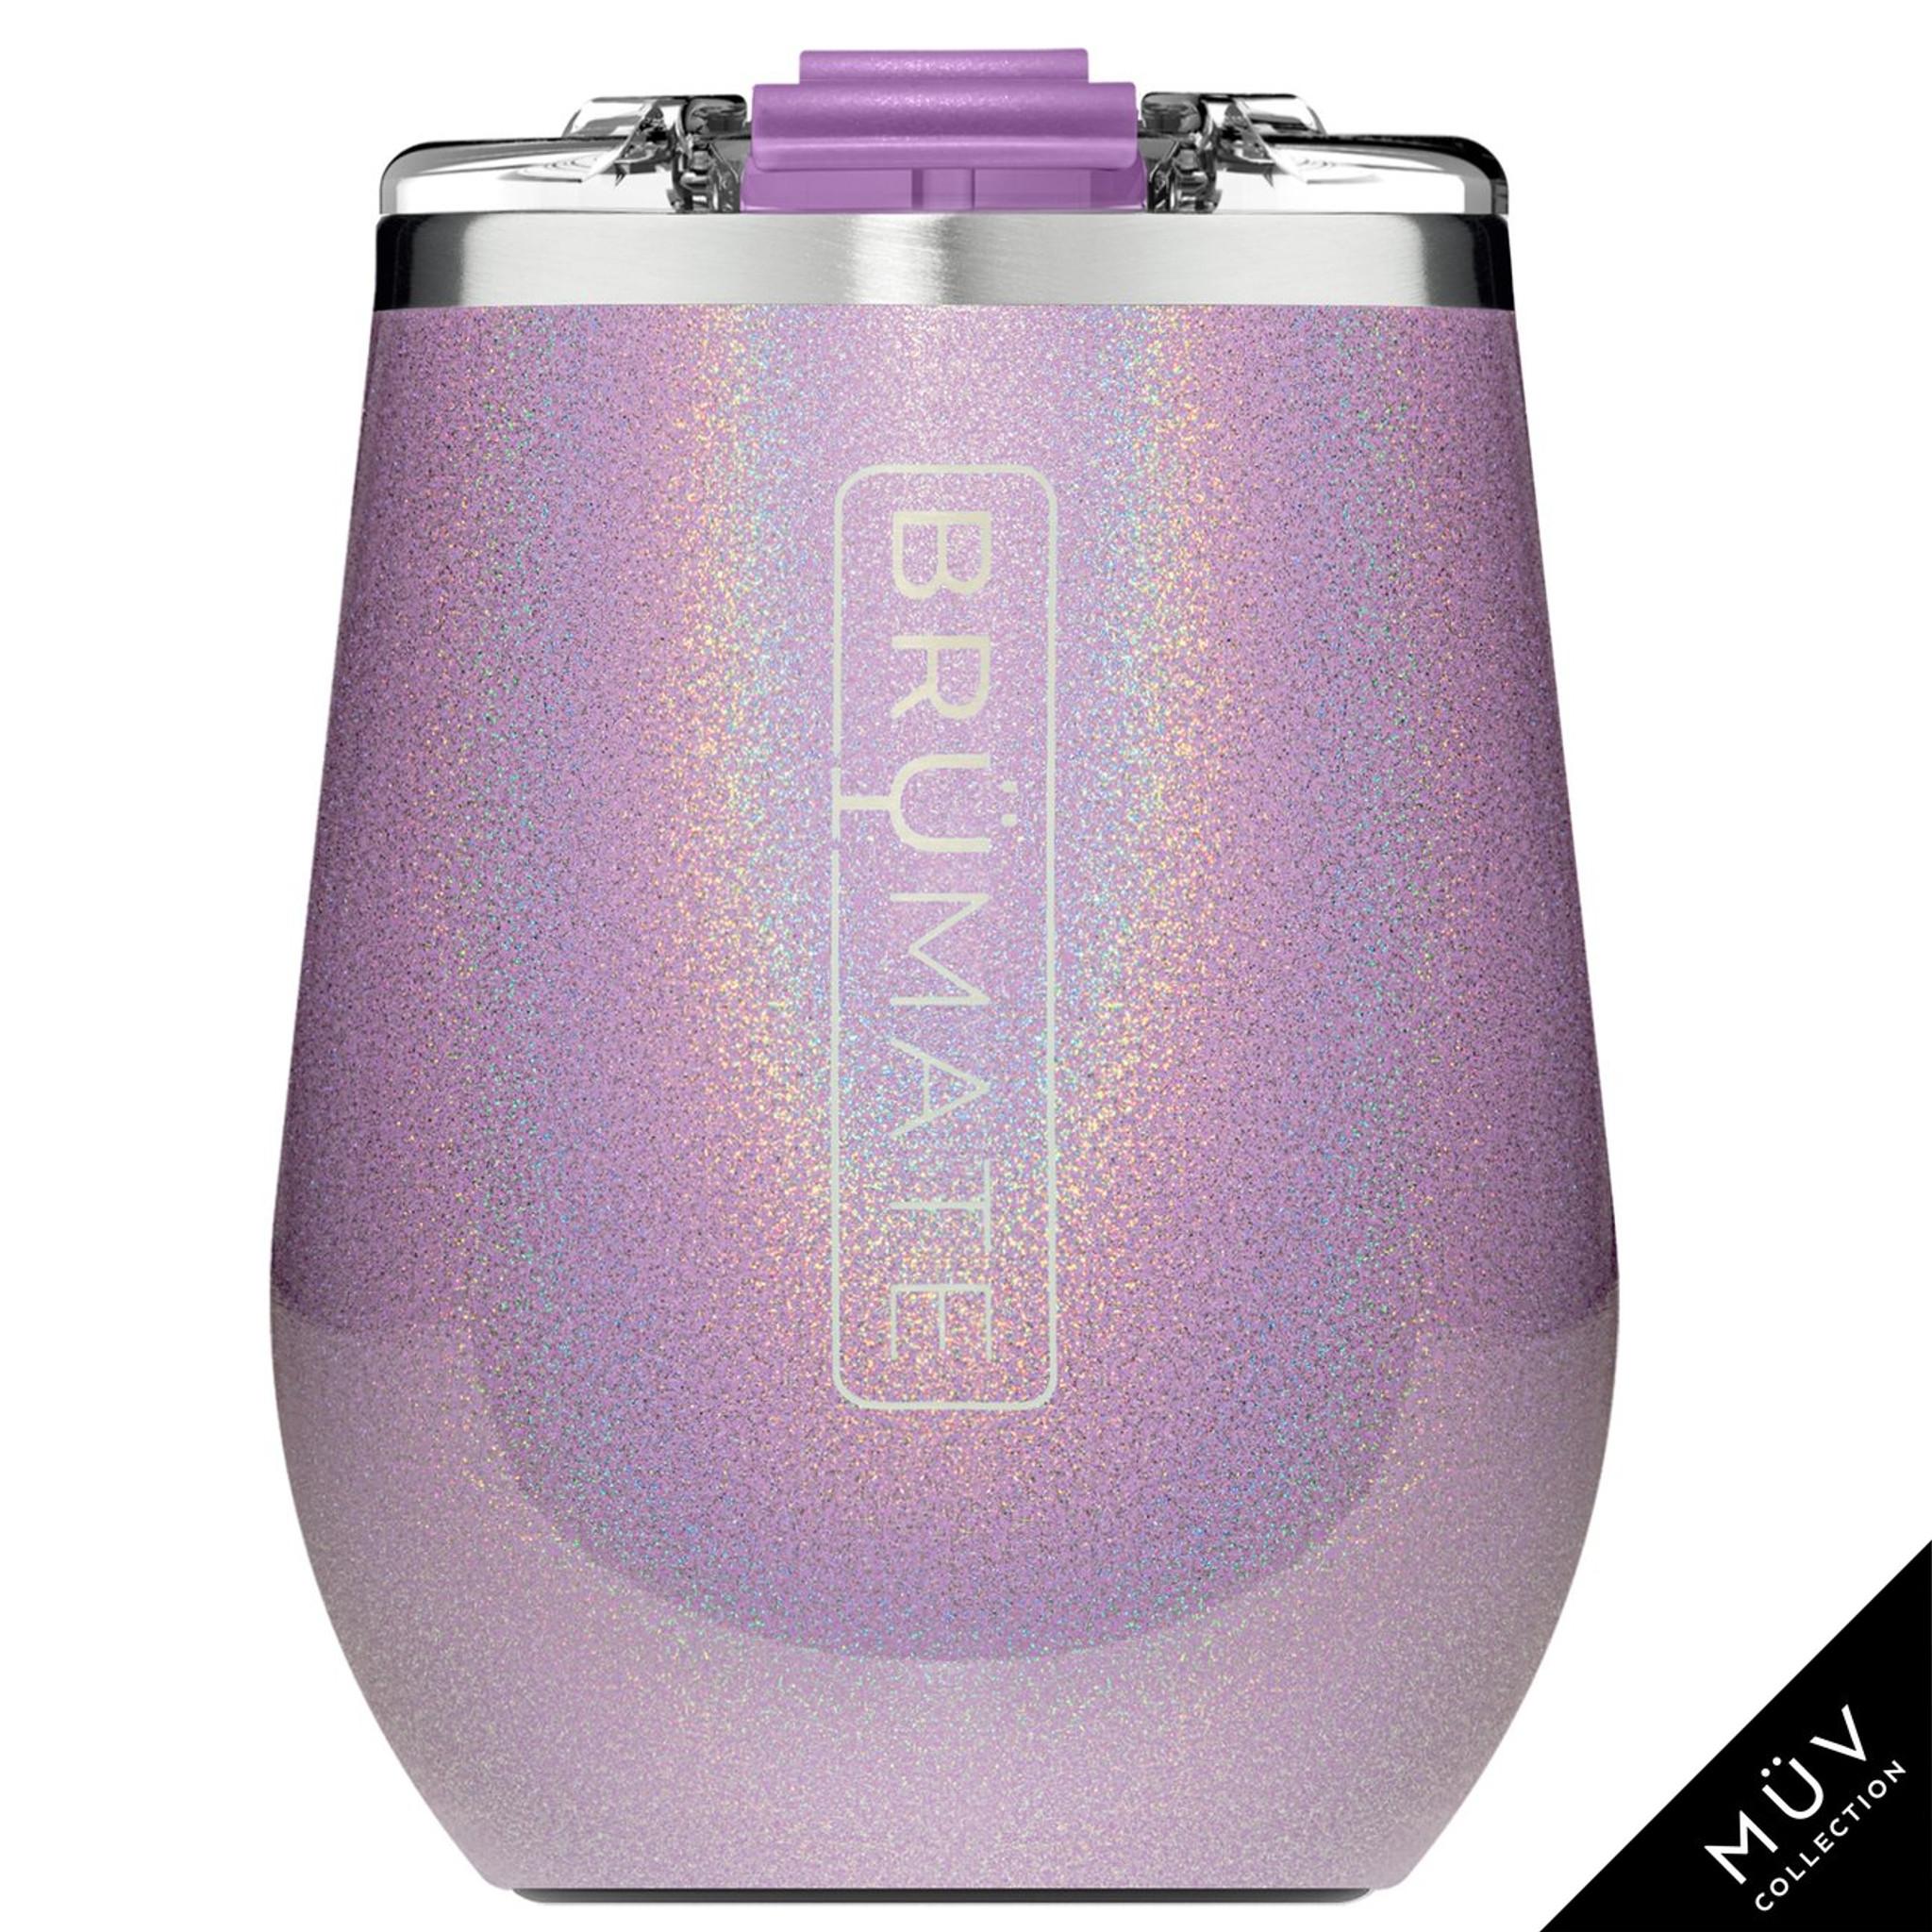 Brumate MuV Wine Tumbler - Glitter Violet